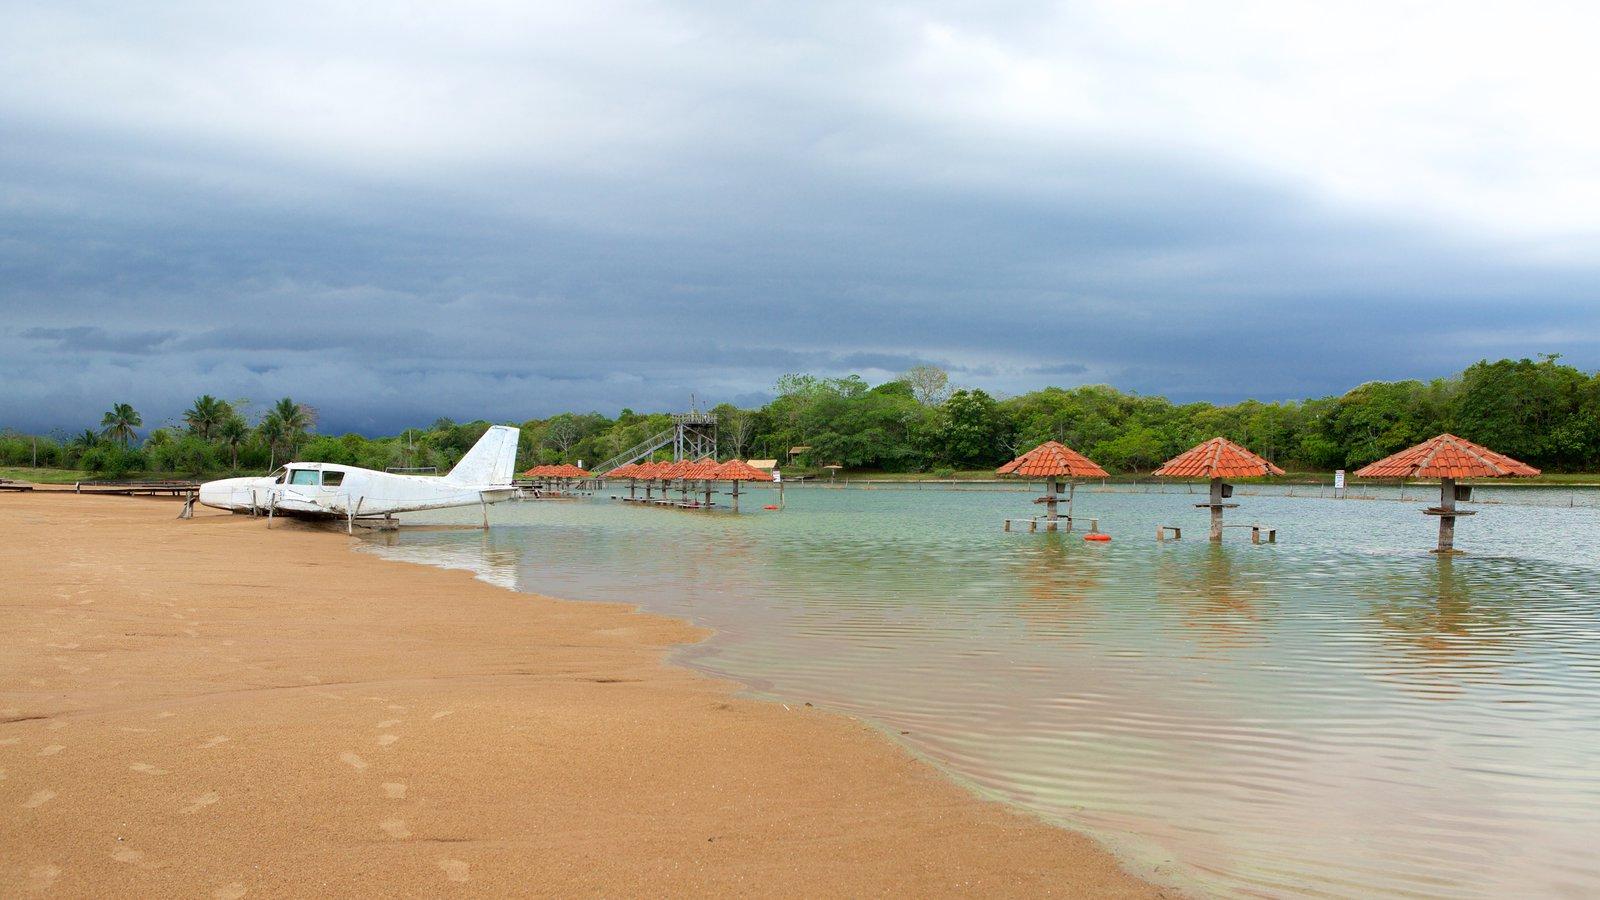 Praia da Figueira caracterizando paisagens litorâneas, uma praia e aeronave